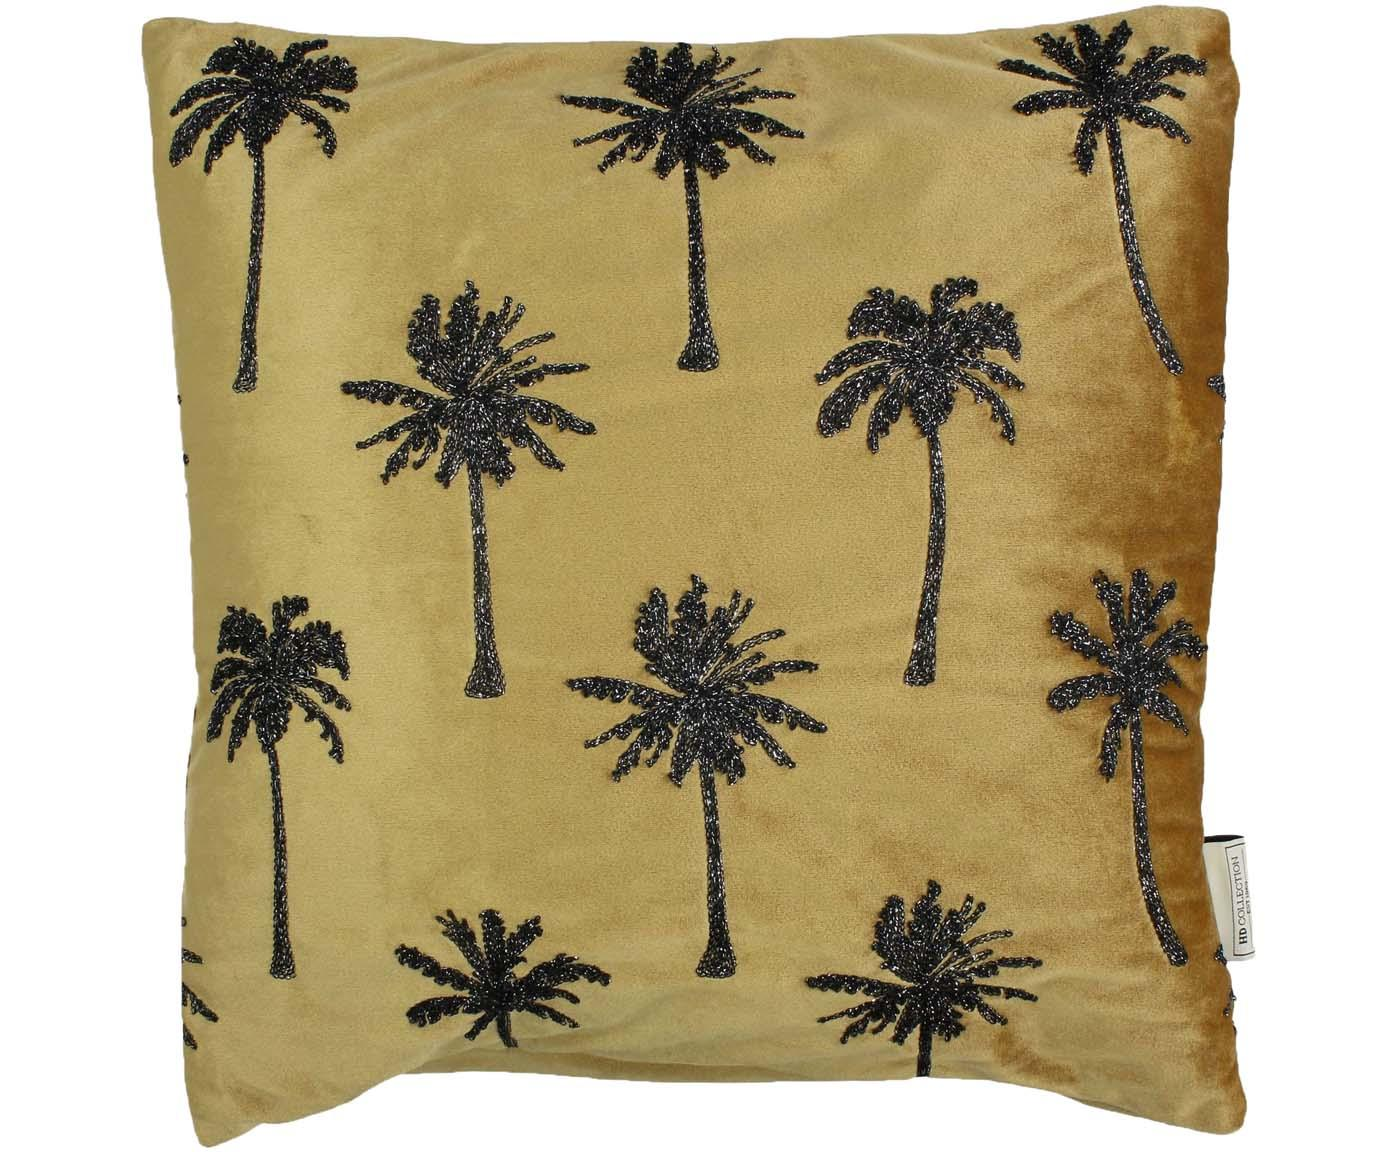 Geborduurd fluwelen kussen Palm Tree, met vulling, Fluweel, Goudkleurig, zwart, 45 x 45 cm